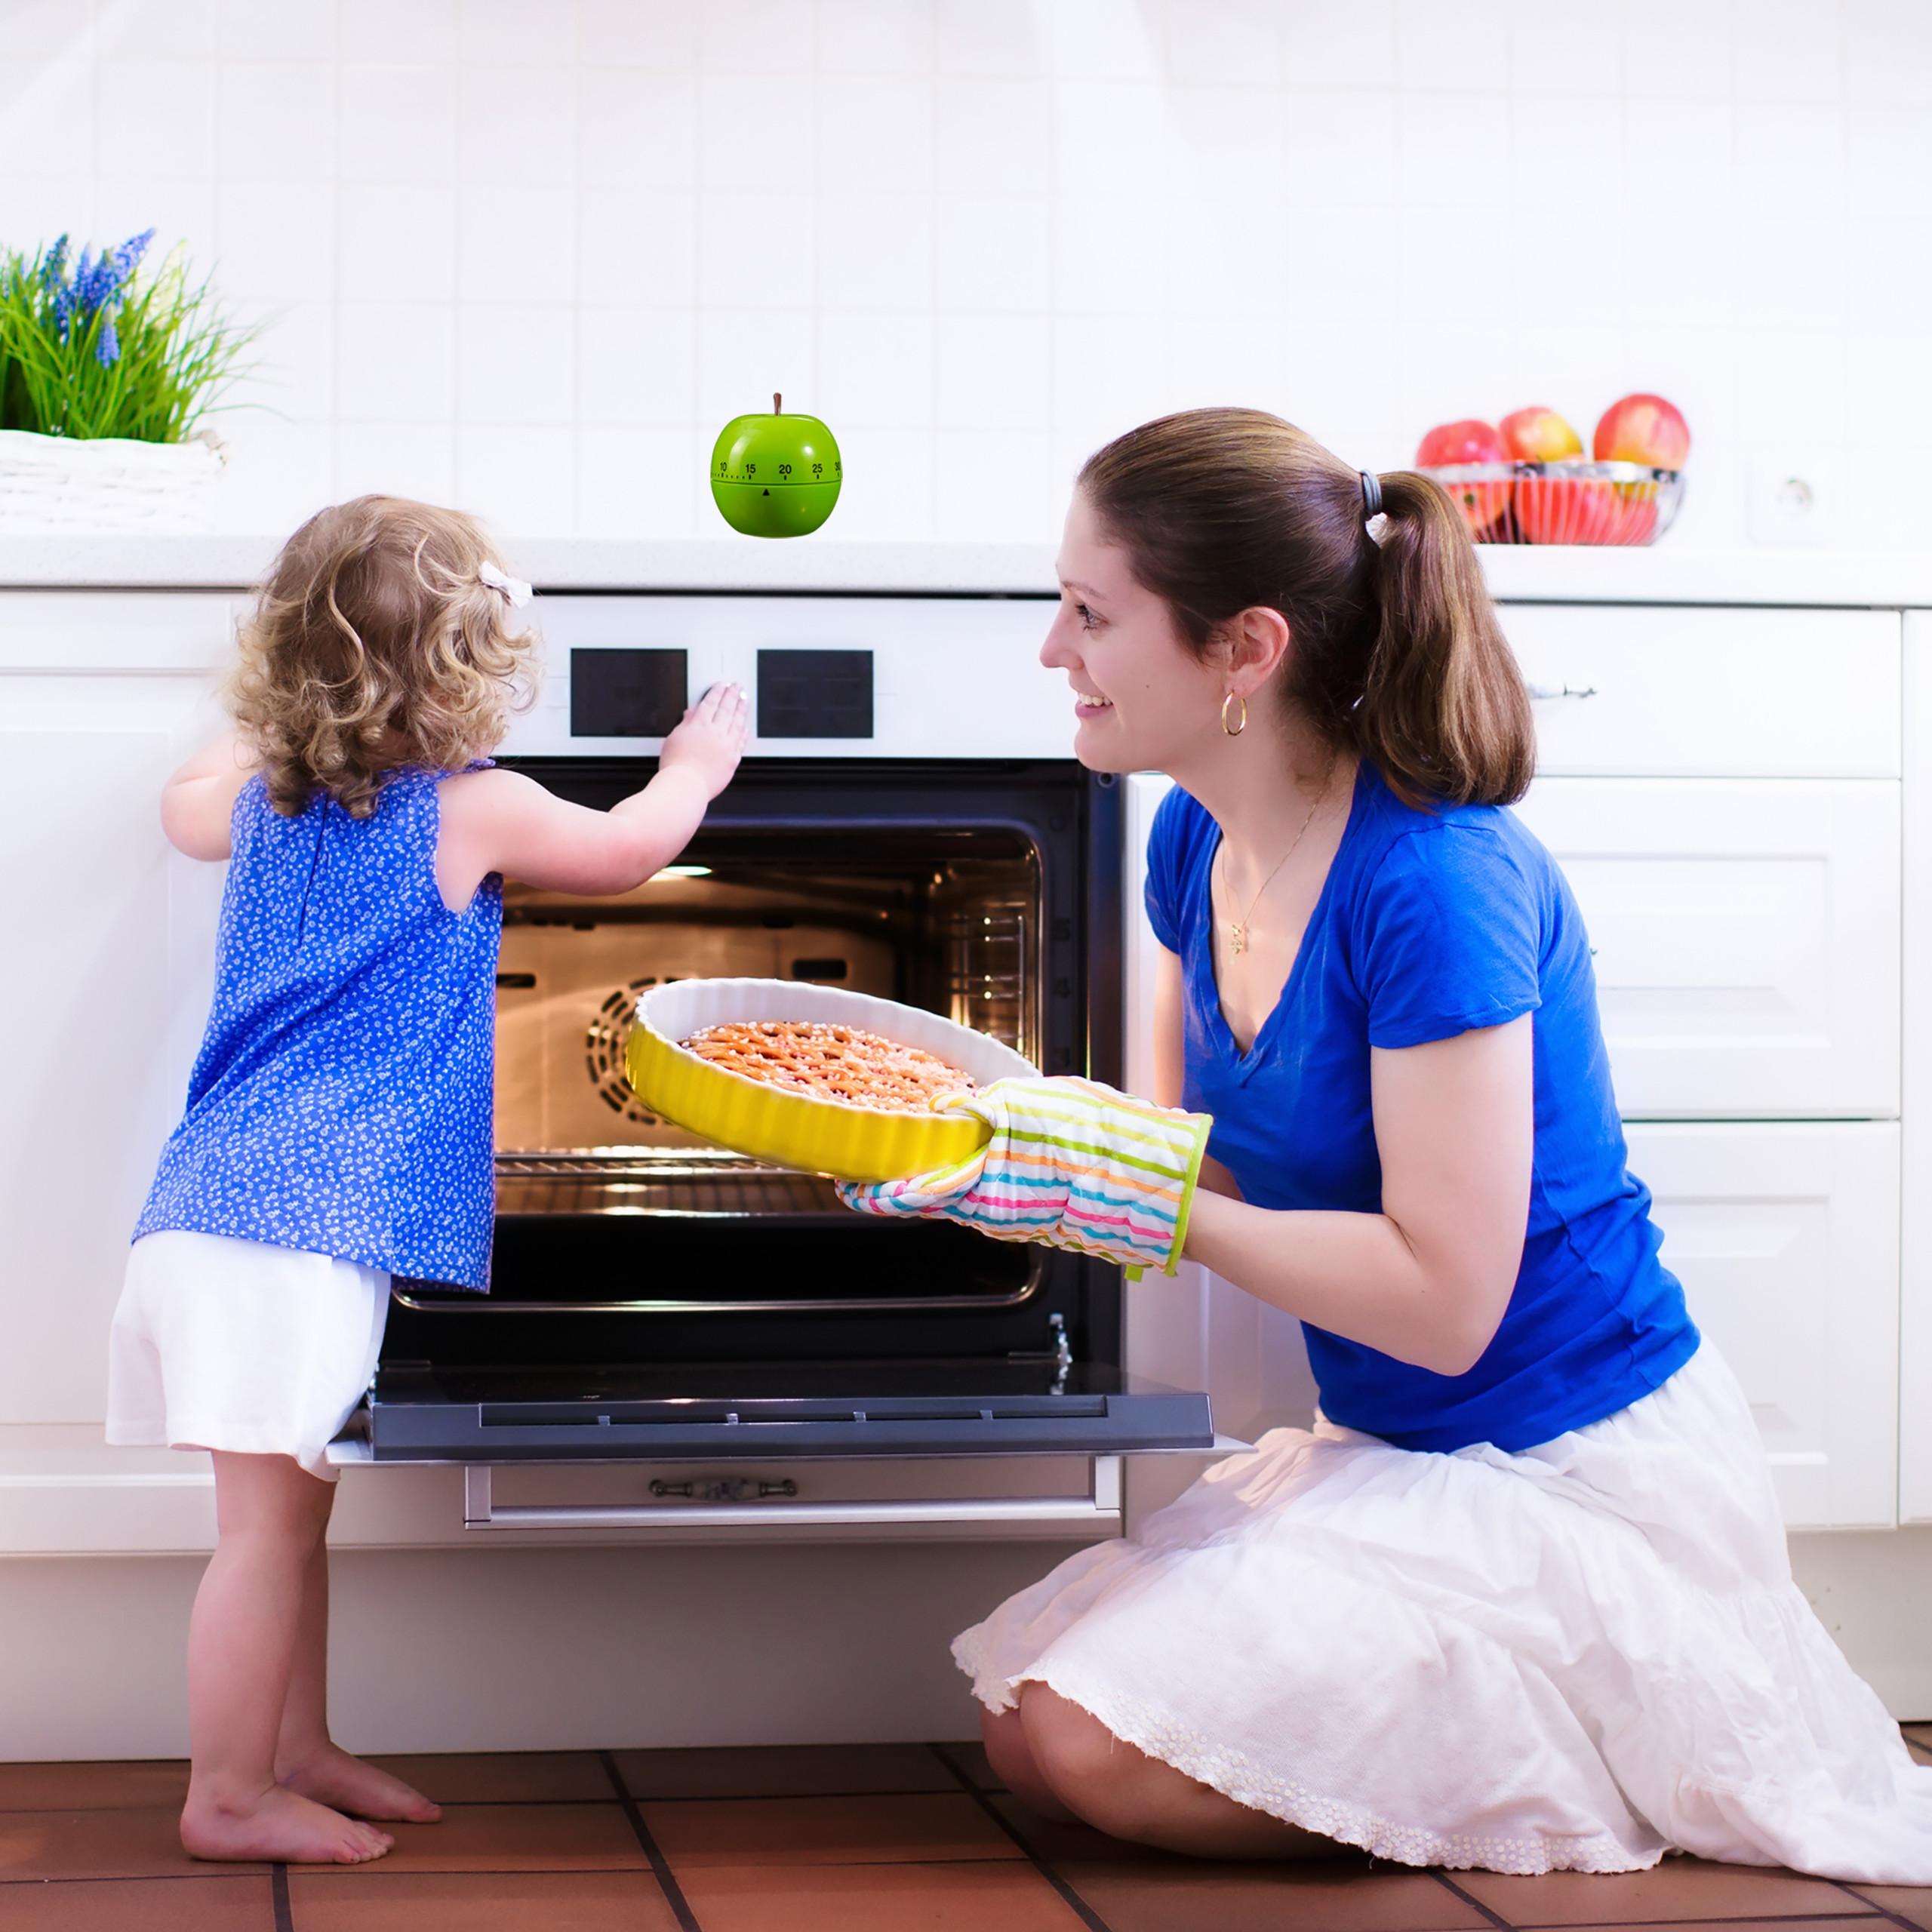 kookwekker-grappig-eierwekker-appel-kook-wekker-keuken-wekker-timer miniatuur 4